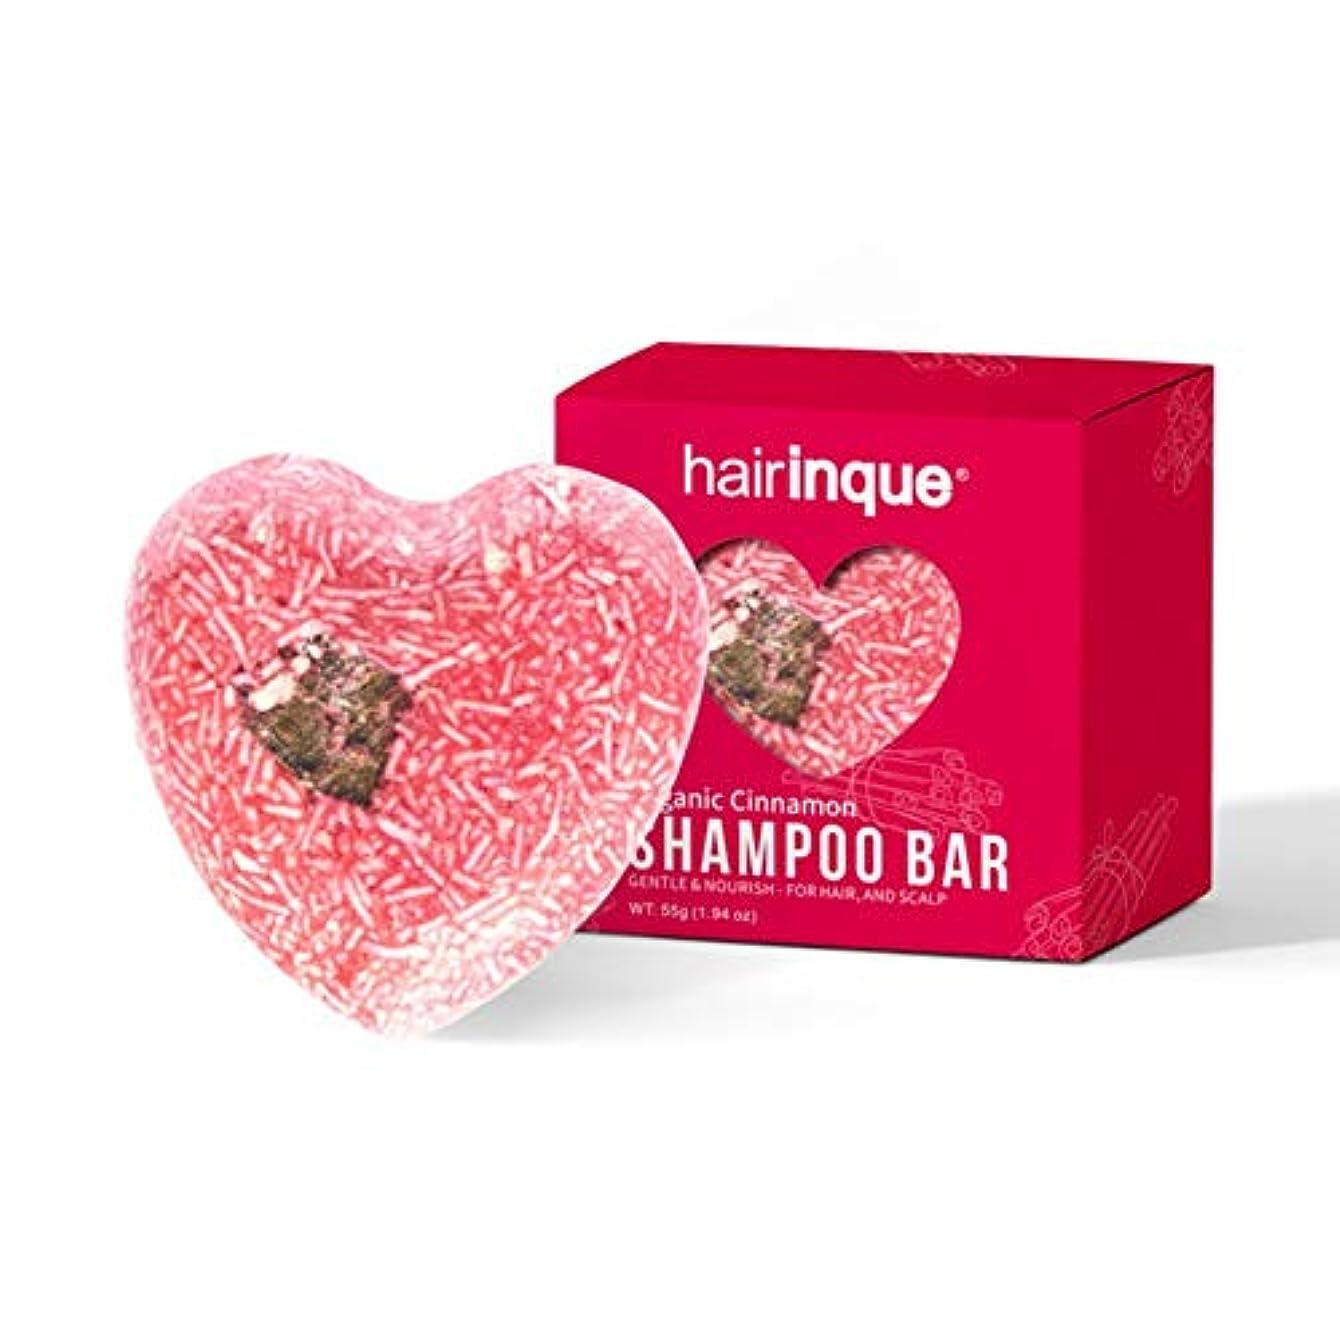 不安定繁雑保持するシャンプー シャンプー石鹸 栄養 脱毛 シャンプーソープ 天然成分 化学薬品防腐剤なし シャンプーソープ ヘアケア Cutelove